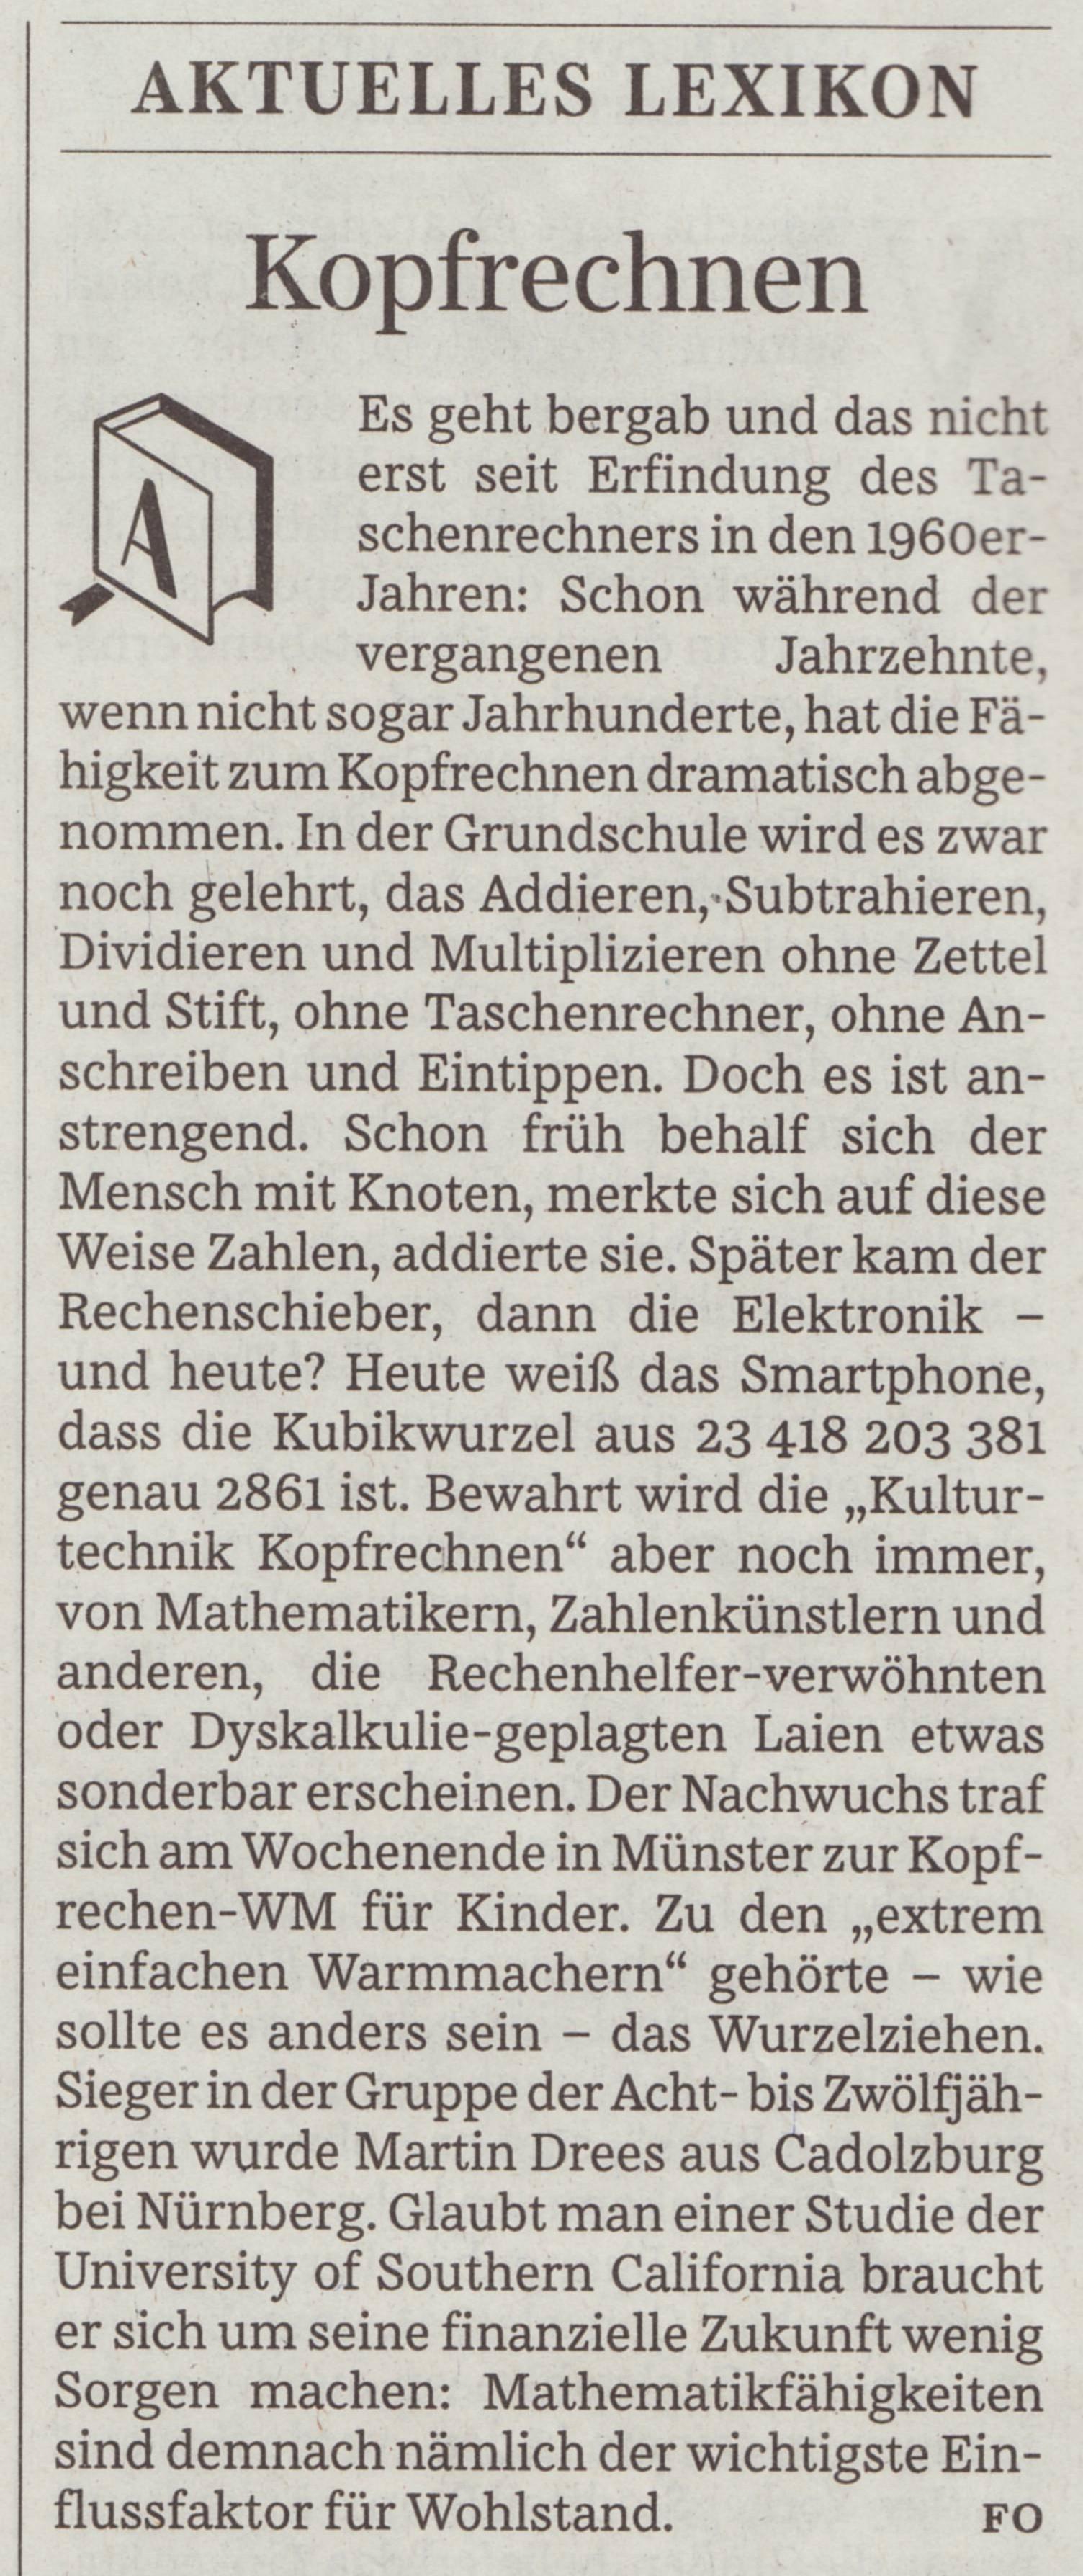 SZ Aktuelles Lexikon: Kopfrechnen